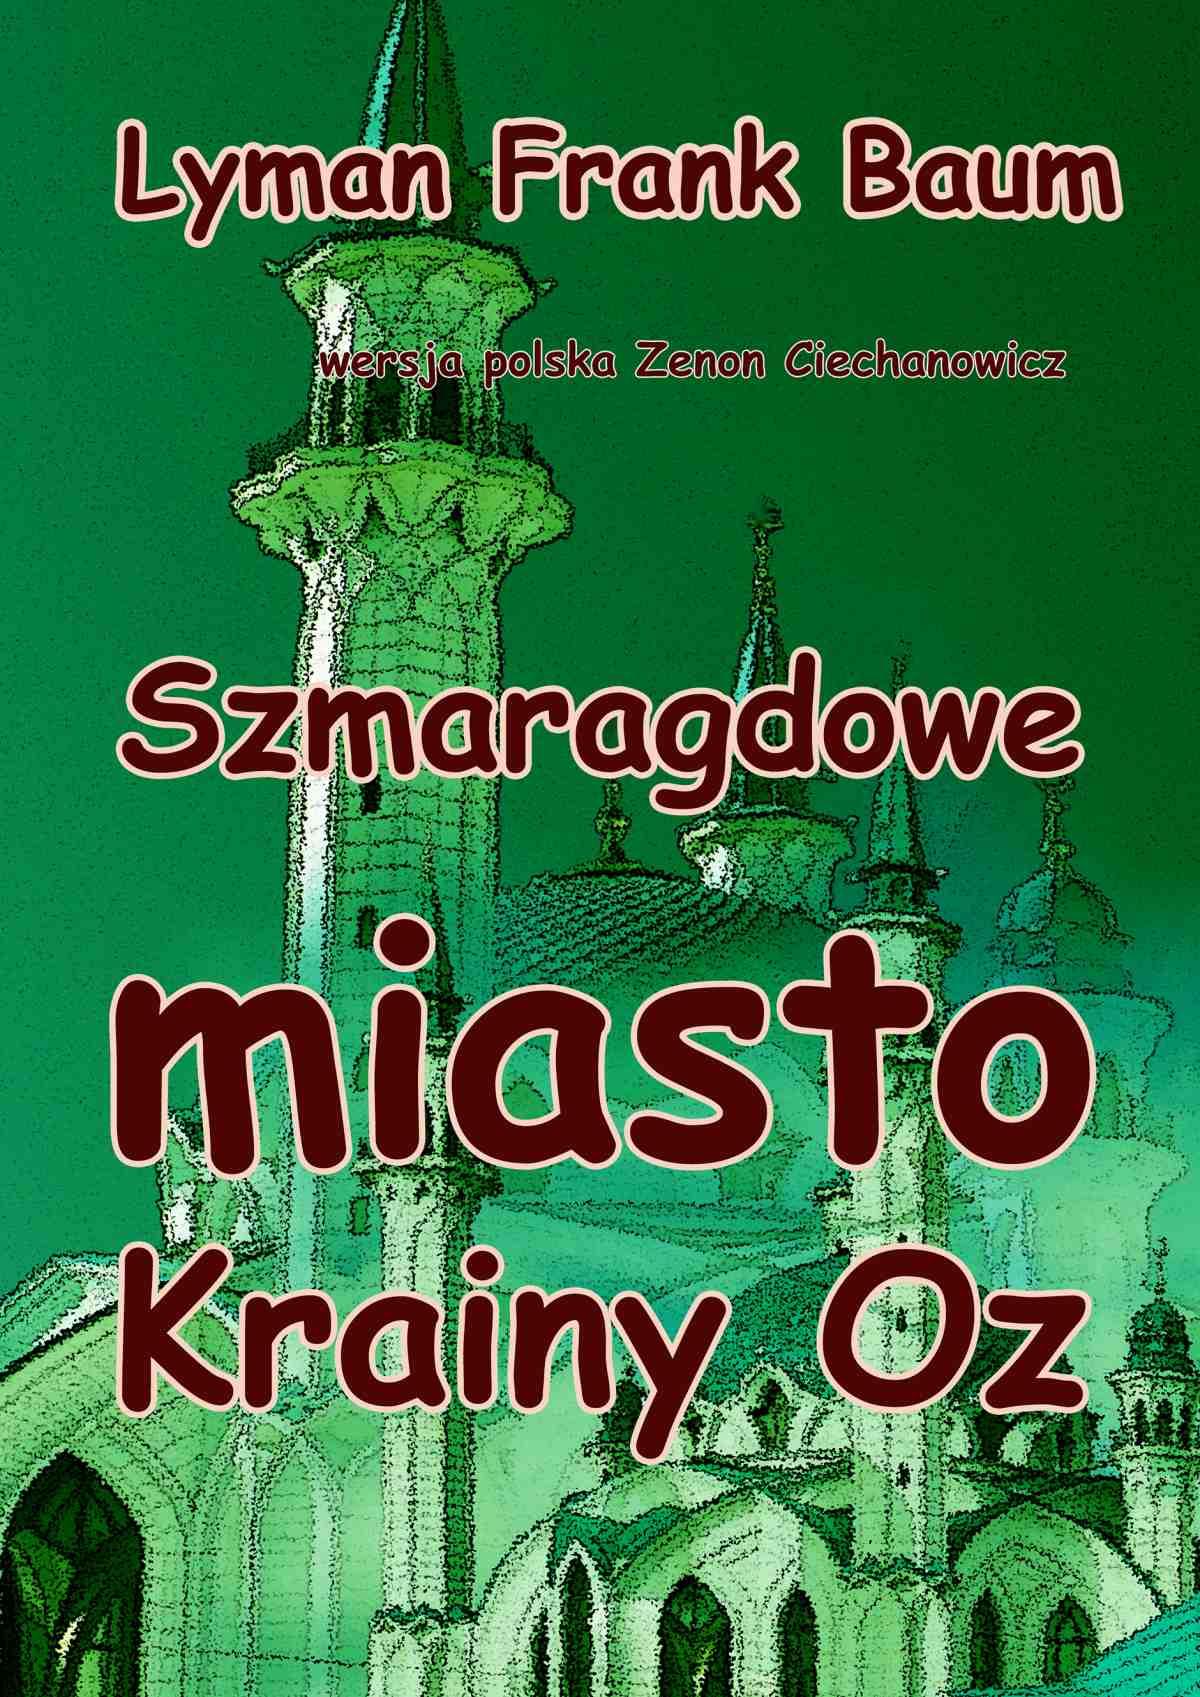 Szmaragdowe miasto Krainy Oz - Ebook (Książka EPUB) do pobrania w formacie EPUB